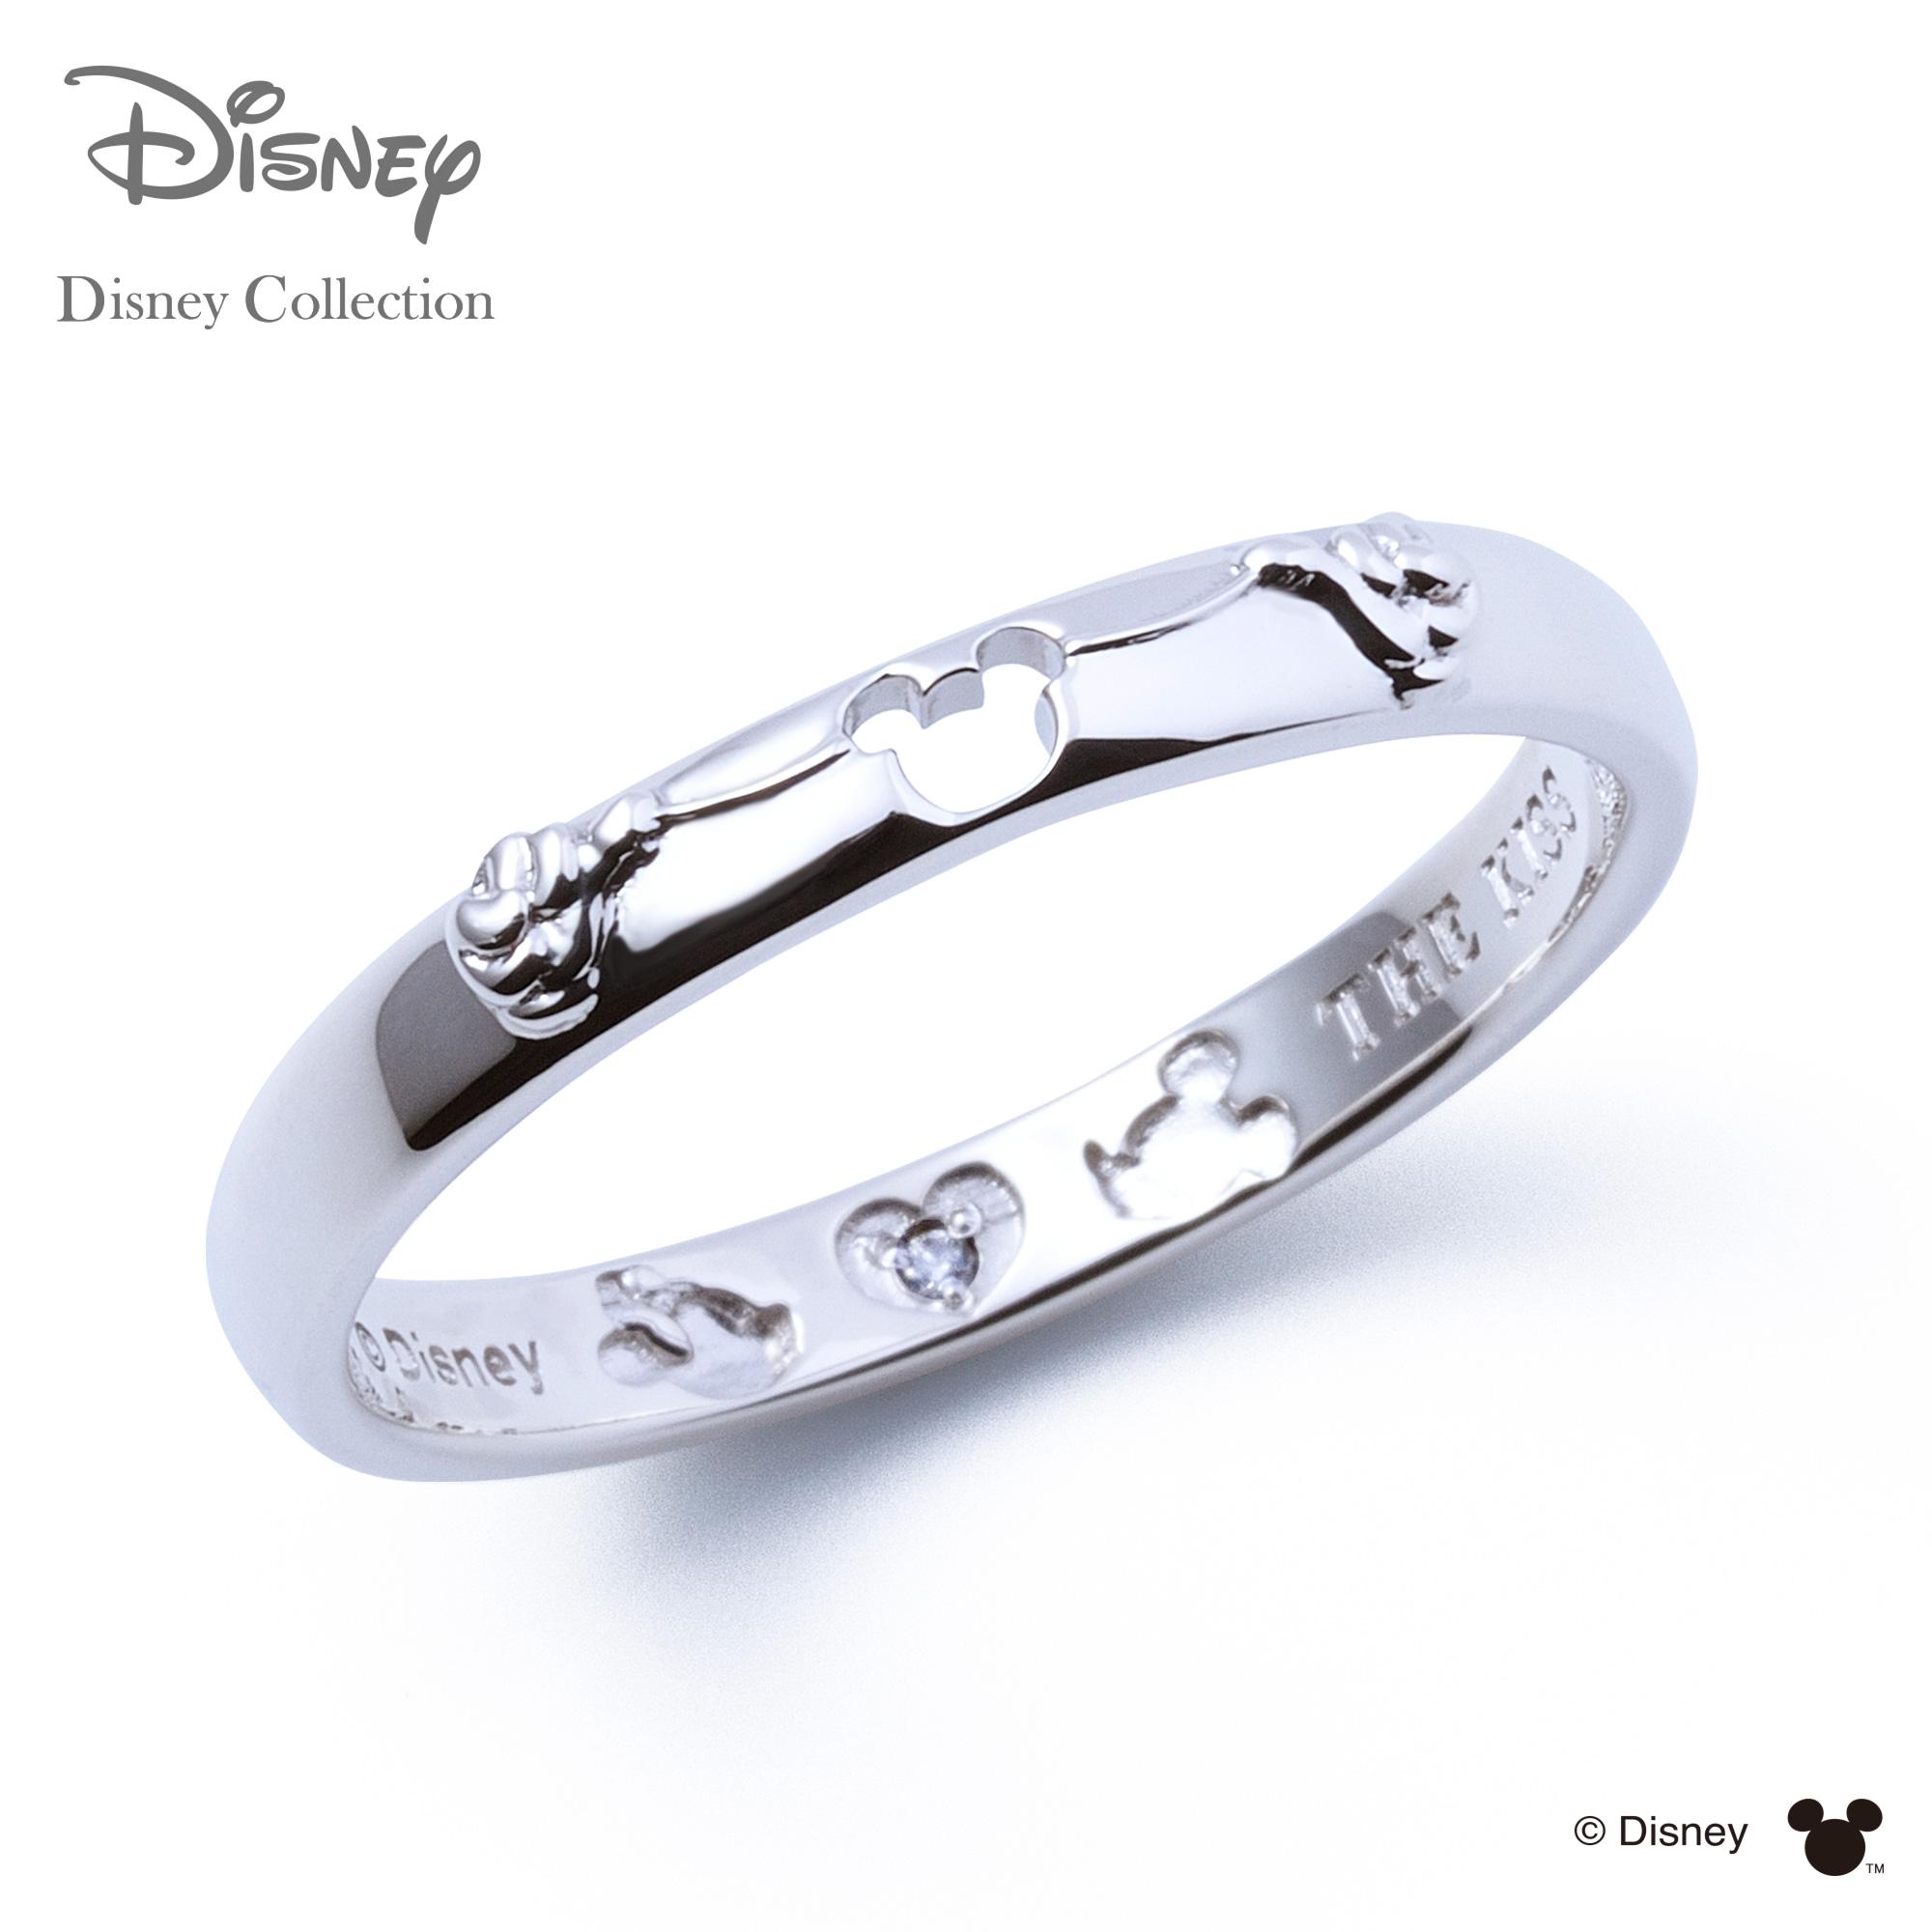 【あす楽対応】【ディズニーコレクション】 ディズニー / ペアリング / ミッキーマウス & ミニーマウス / THE KISS リング・指輪 シルバー (メンズ 単品) DI-SR1834DM ザキス 【送料無料】【Disneyzone】